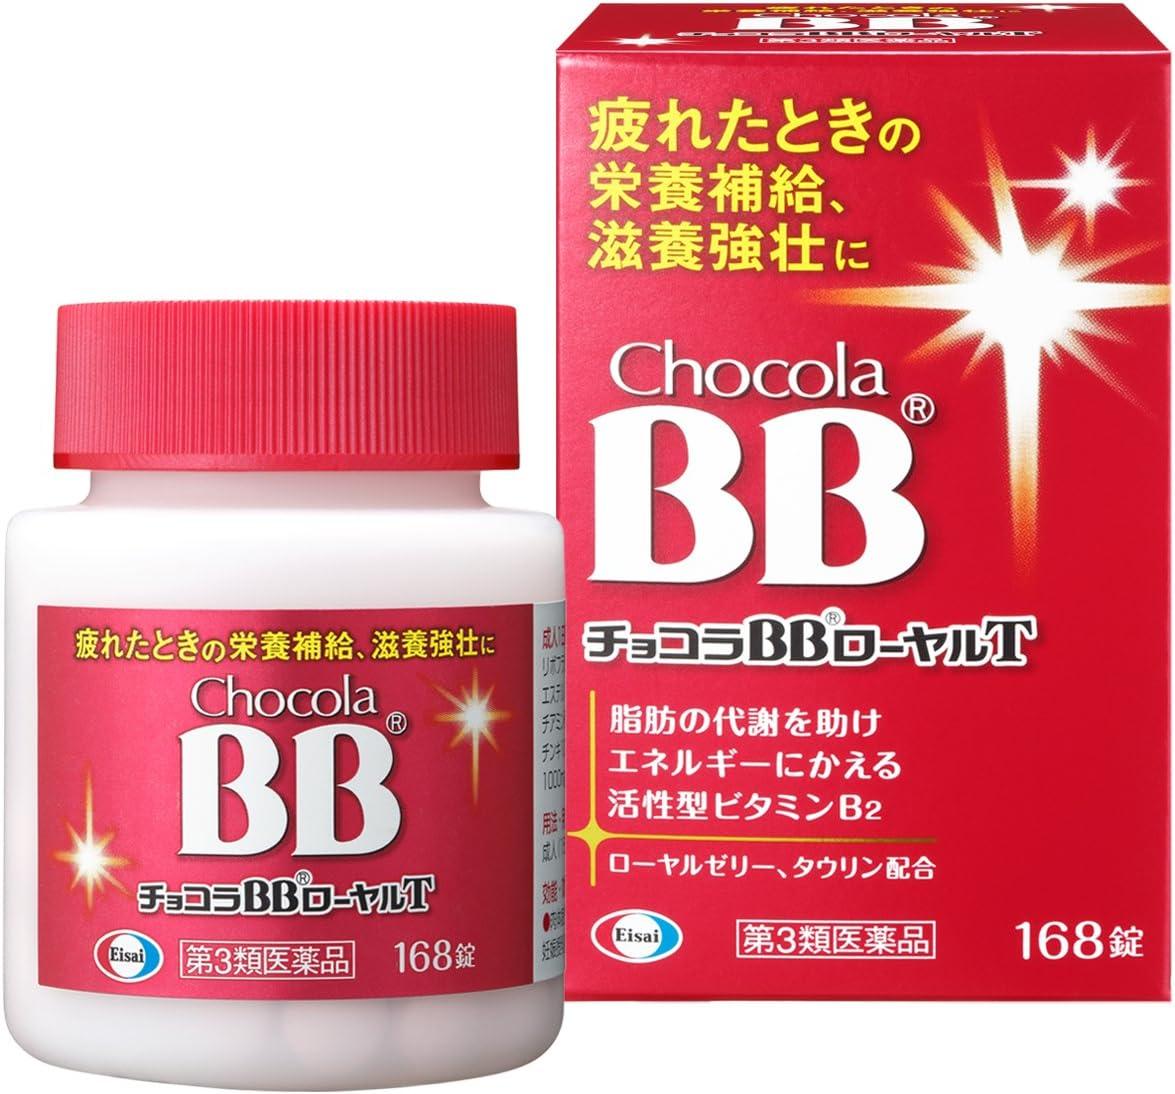 ルーセント c bb チョコラ